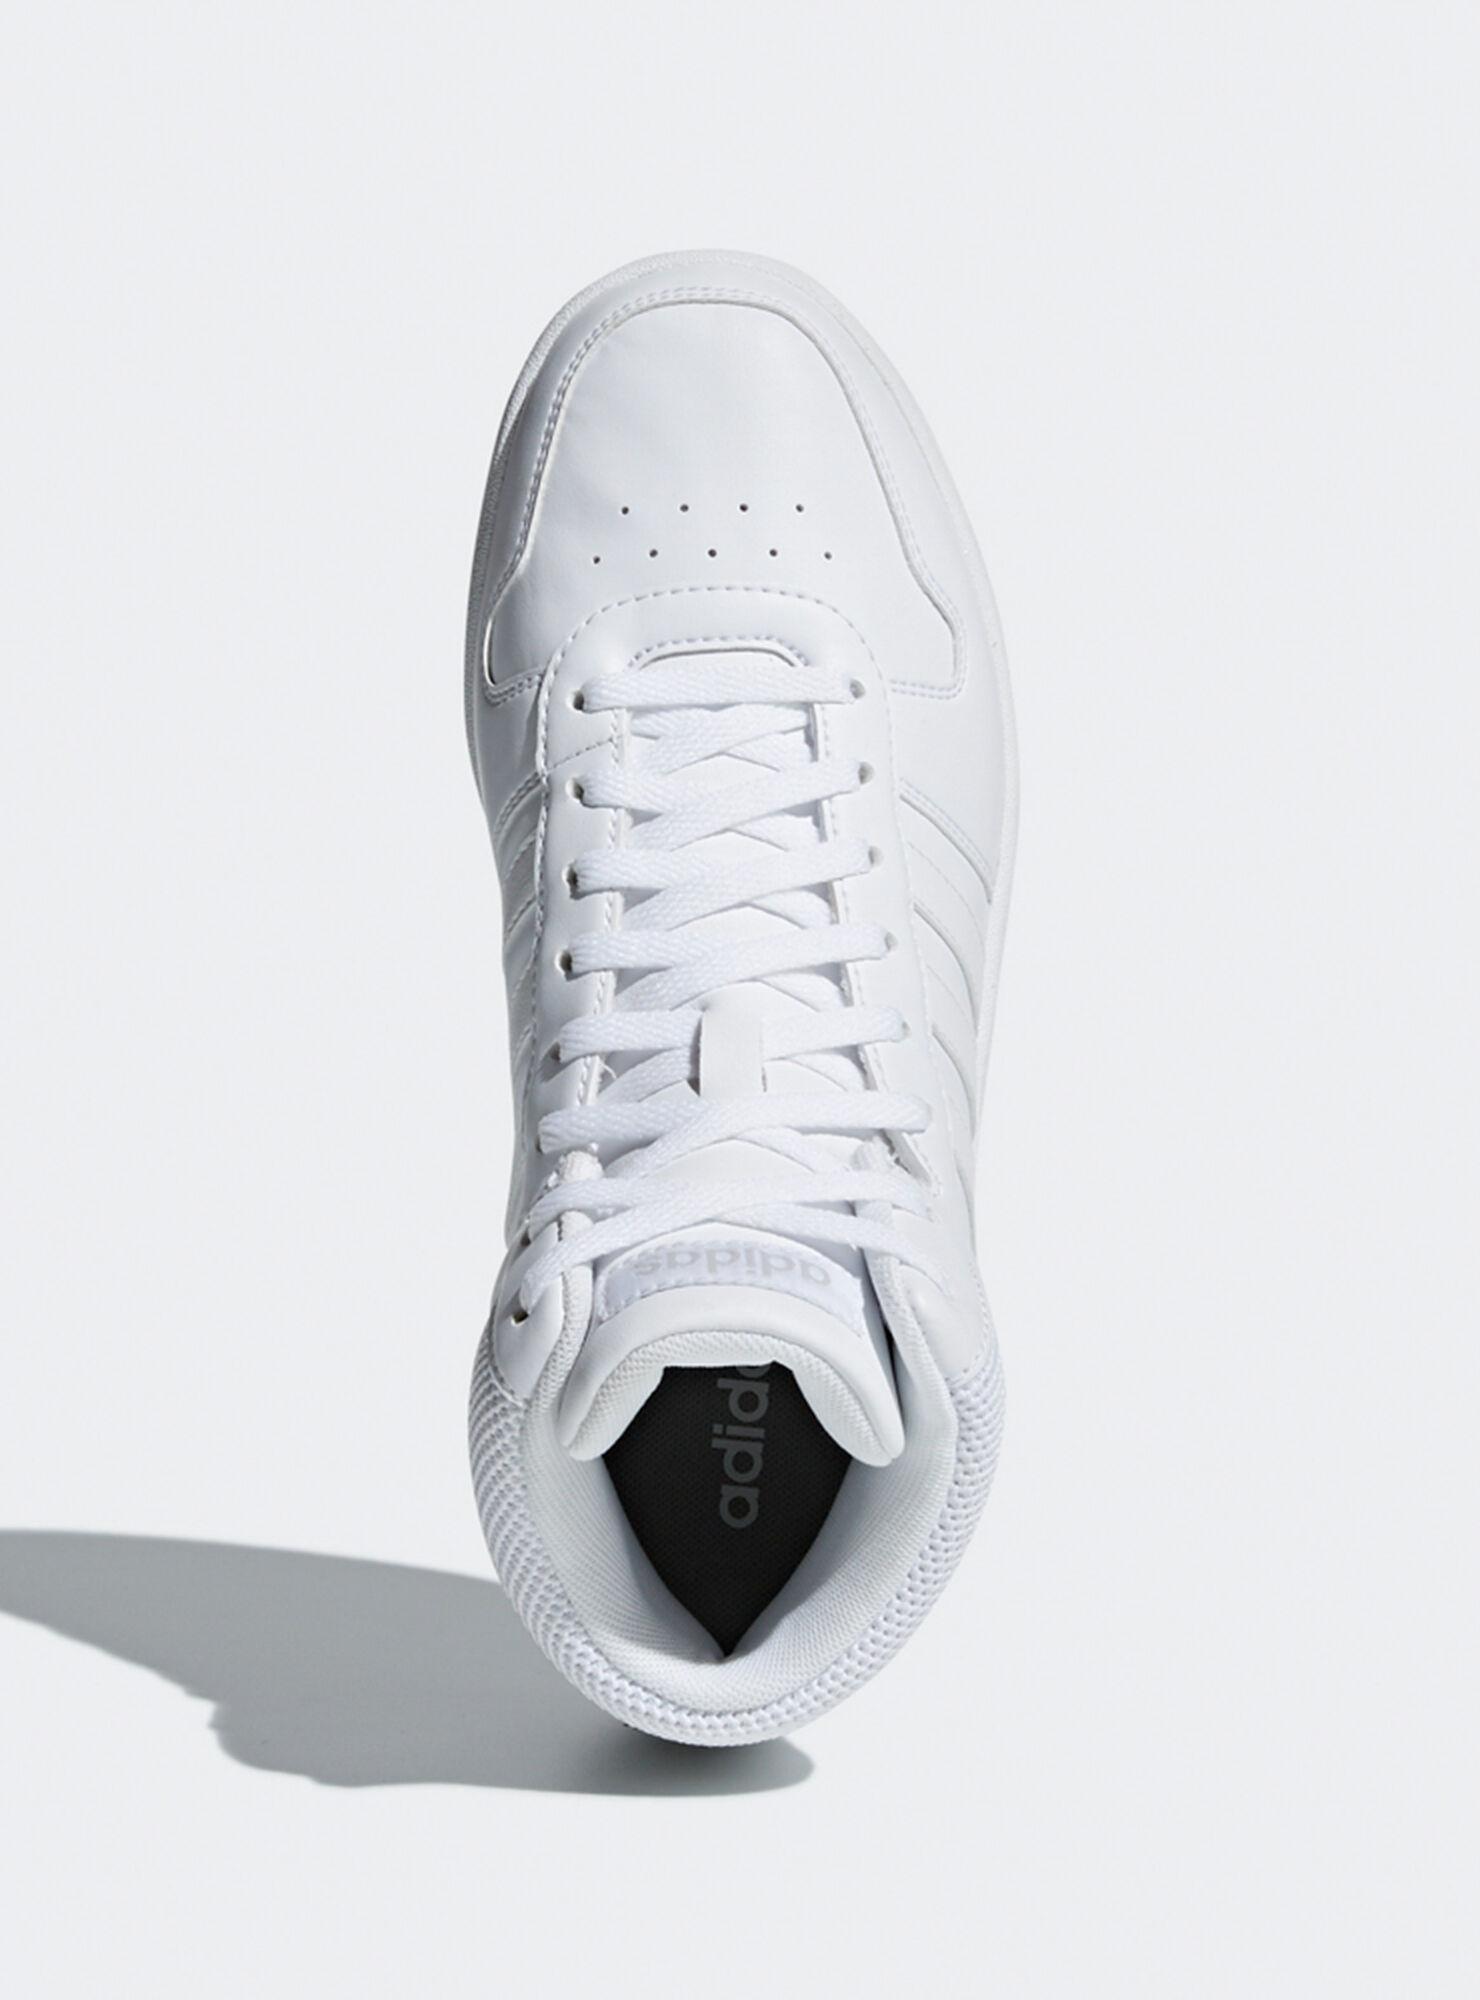 Todo el tiempo Producto rango  Zapatilla de Basketball Adidas Mujer Hoops 2.0 Mid - Zapatillas Deportes  Específicos | Paris.cl